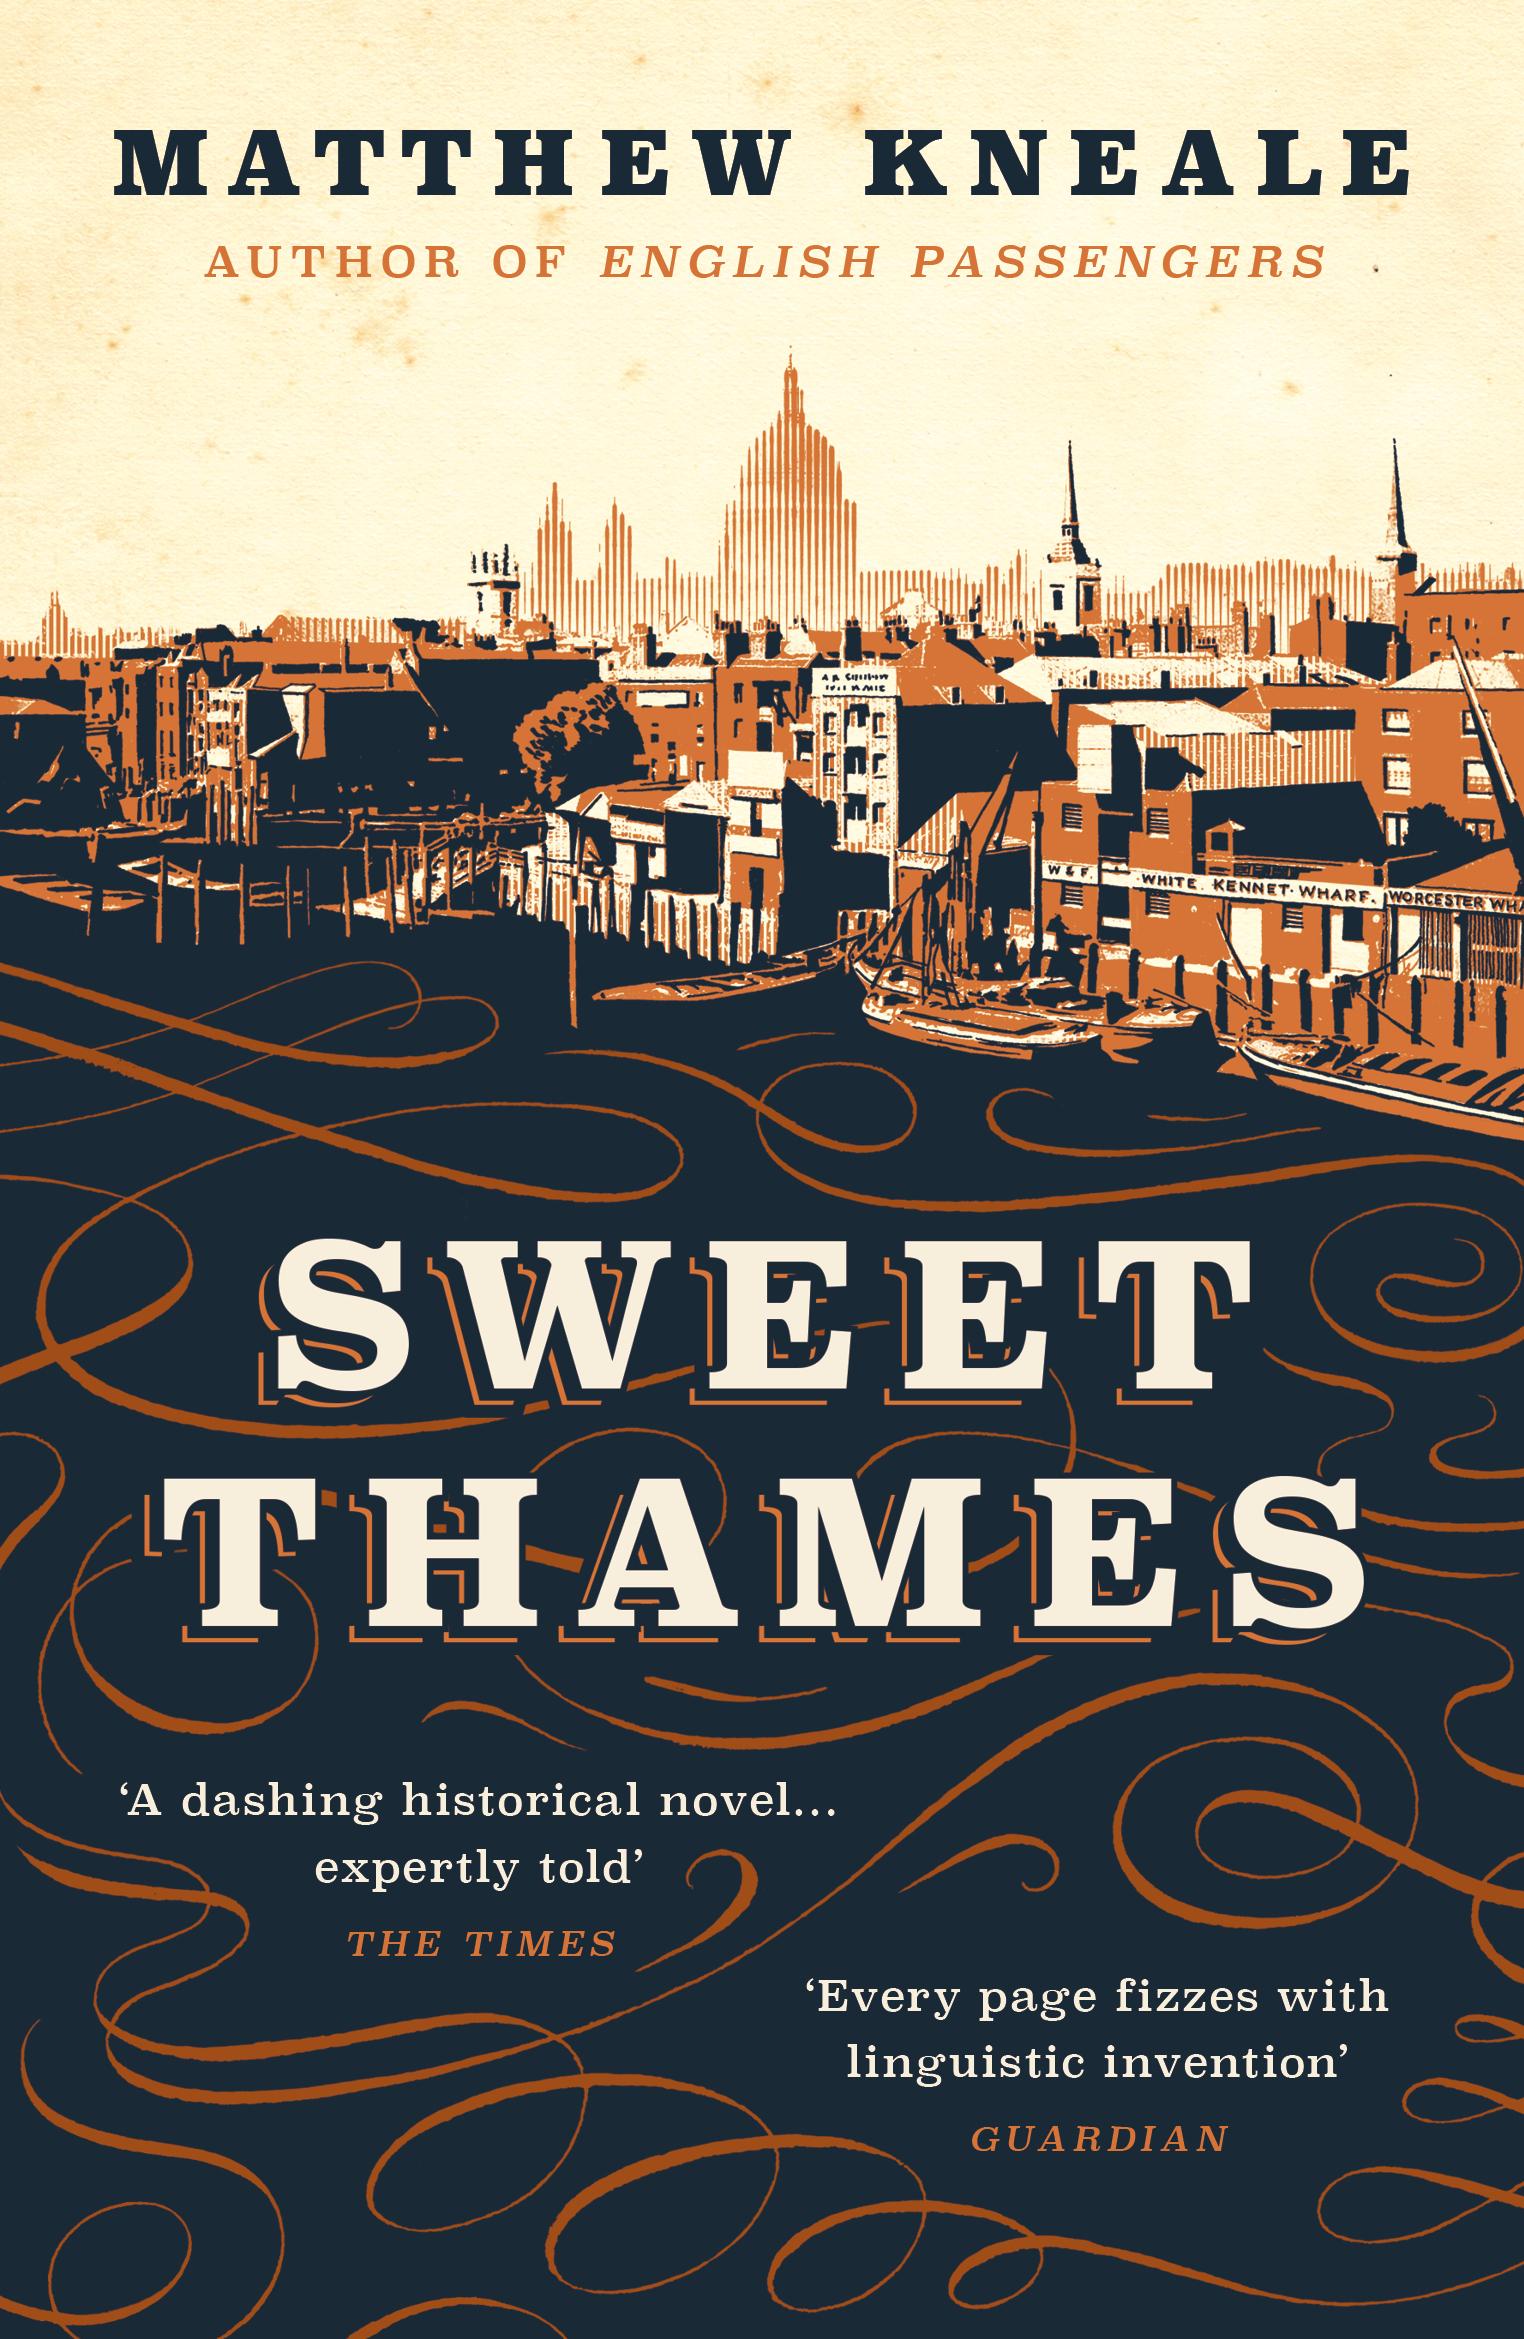 Sweet Thames cover.jpg